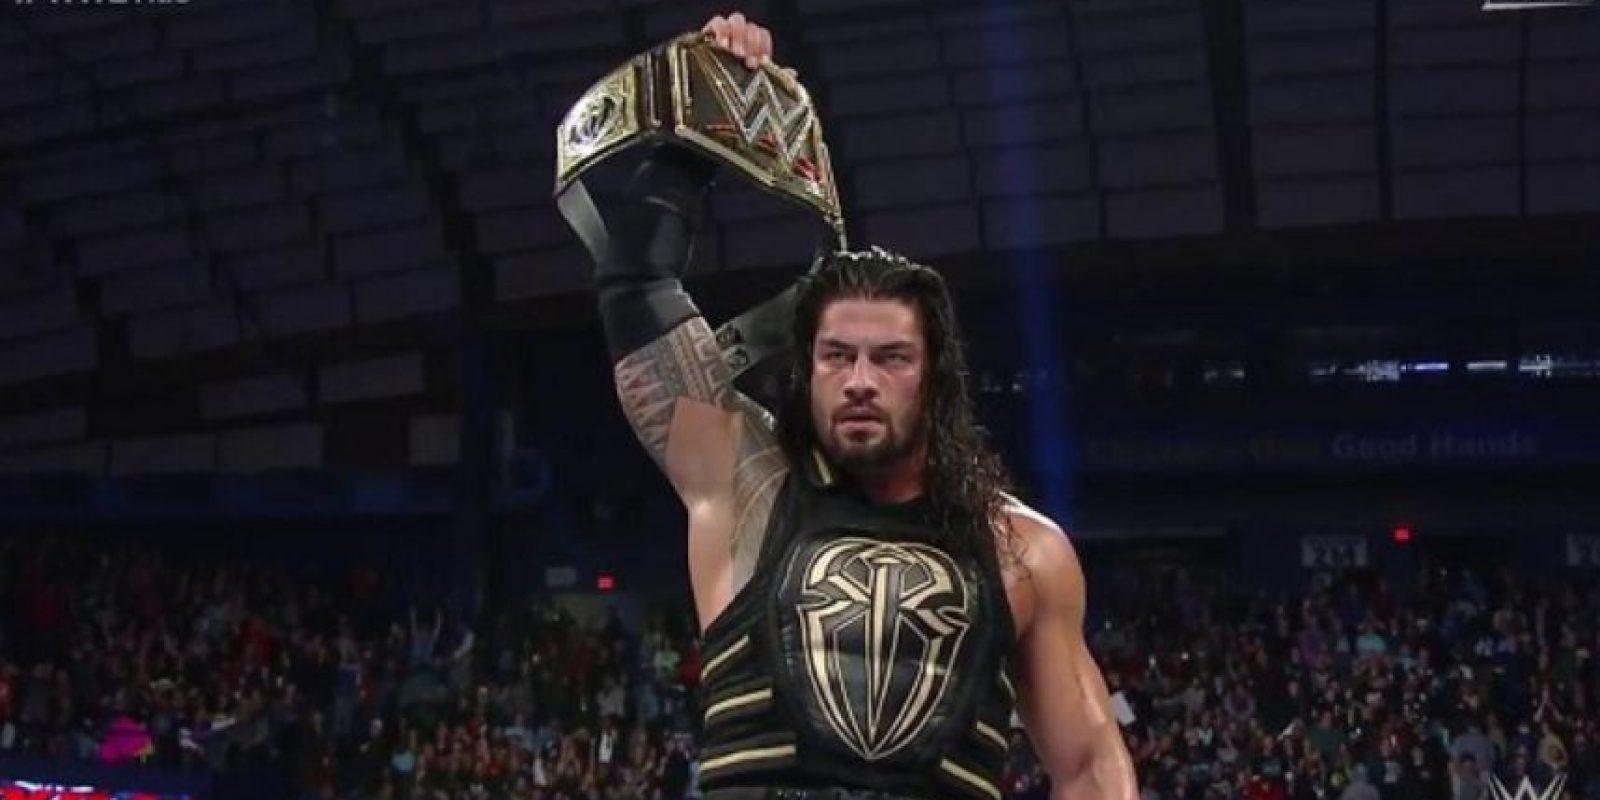 Roman Reigns recibió una suspensión de 30 días Foto:WWE